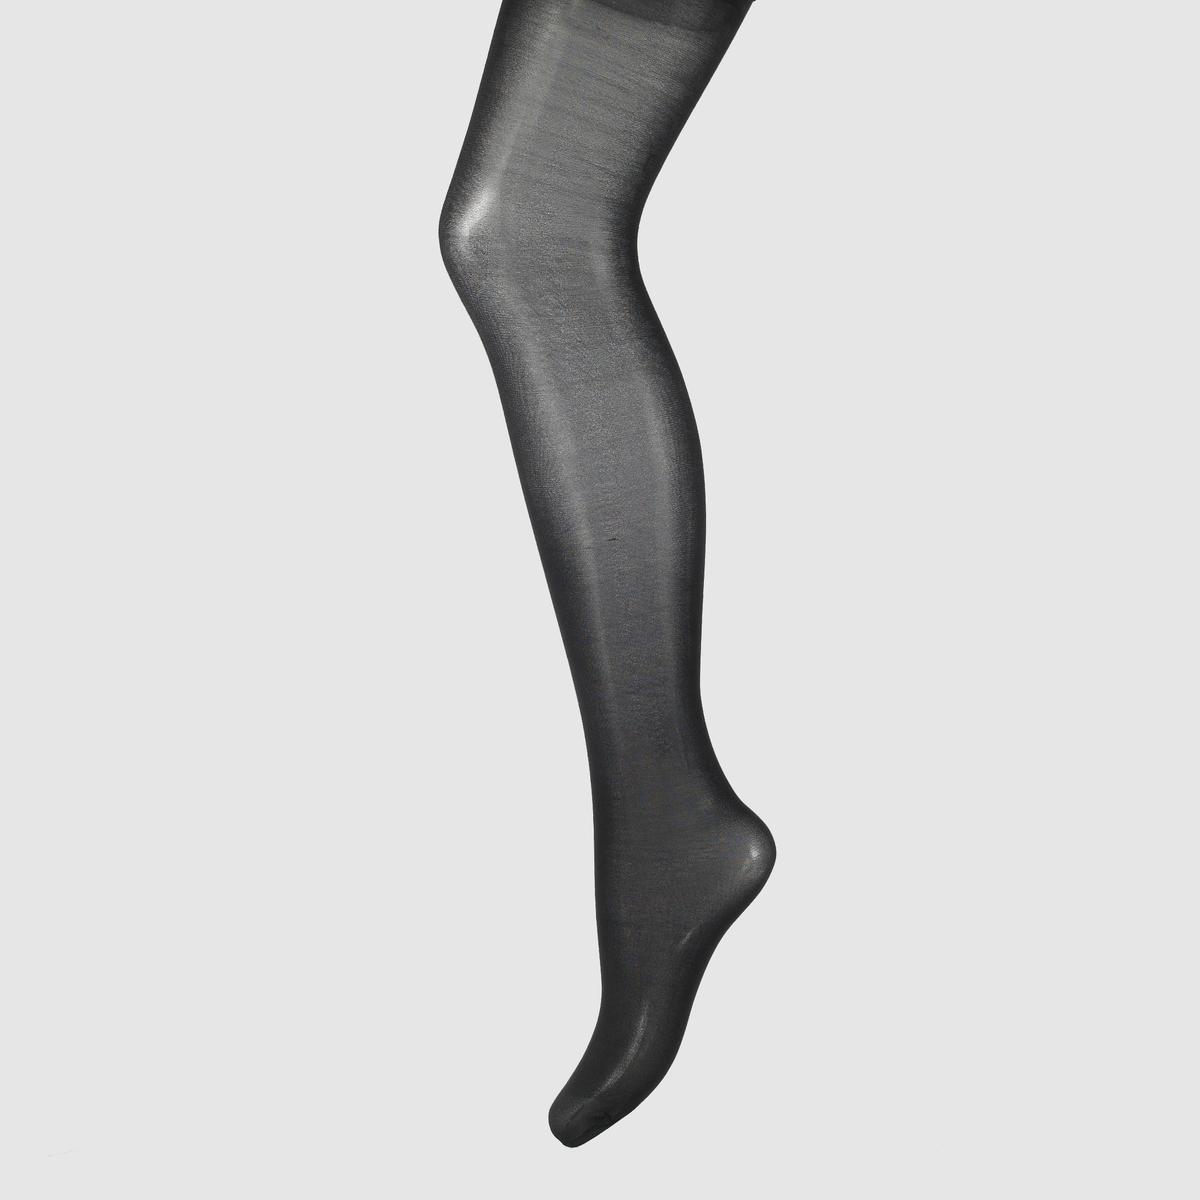 Колготки для беременных, полупрозрачныеСостав и описаниеМатериал : 88% полиамида, 12% эластана..Марка : COCOON.УходМашинная стирка при 30° в мешке-сетке.Утюжка и сухая чистка запрещены<br><br>Цвет: черный<br>Размер: 3(L).4(XL)